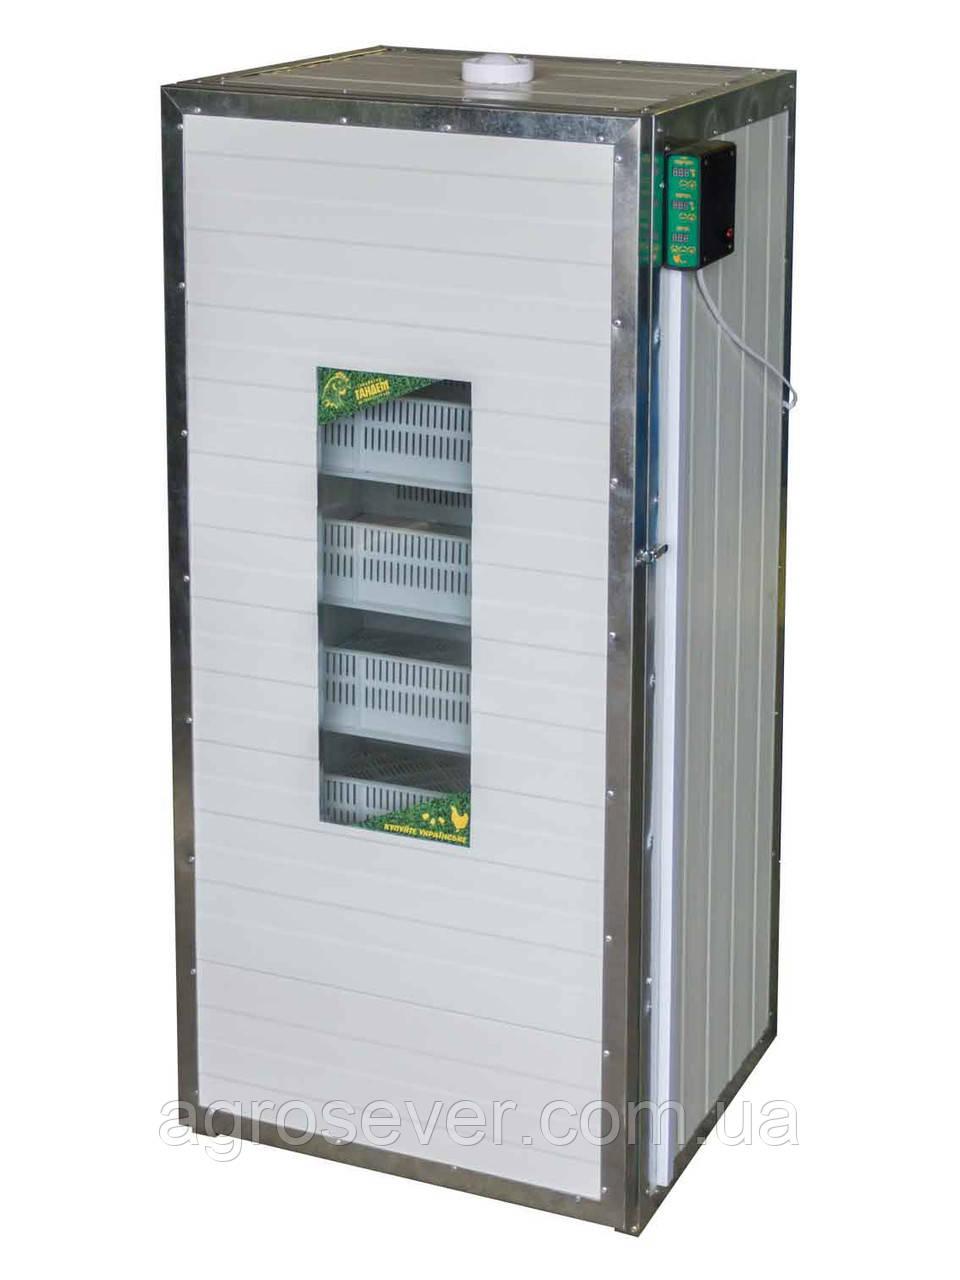 Инкубатор выводной Тандем - 550 (на 550 куриных яиц)